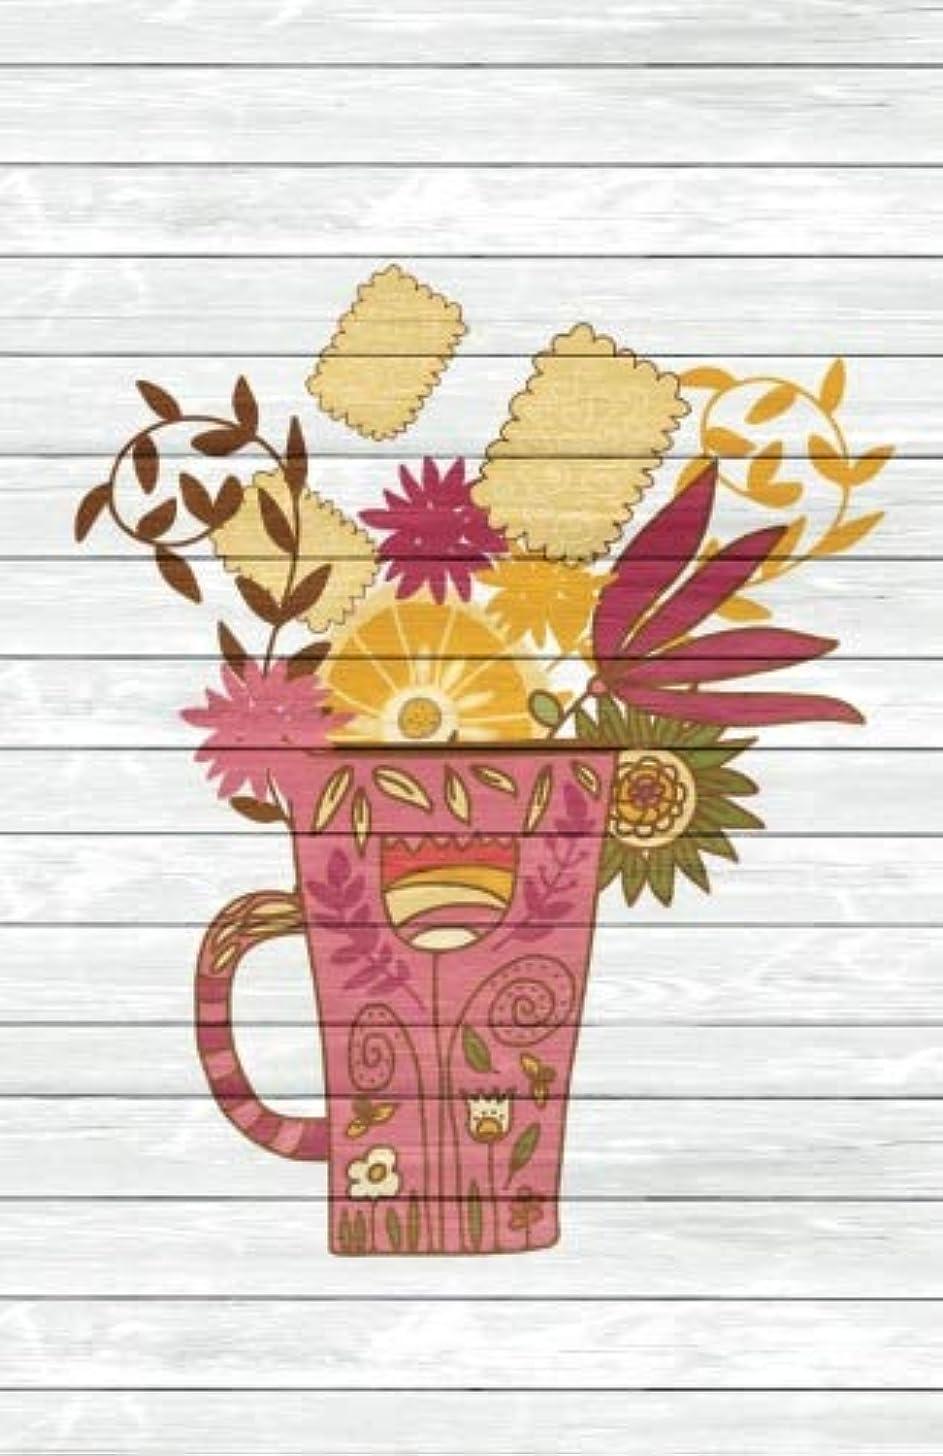 特異な意識遅れTea Time Creative Journal 2: (5.5 x 8.5 Small)(Dot Grid) Blank Journal Notebook Organizer Planner Sketchbook Gratitude Diary Pocket Size Tea Cup Lover Flowers Spices Strainer Fruit Whimsical